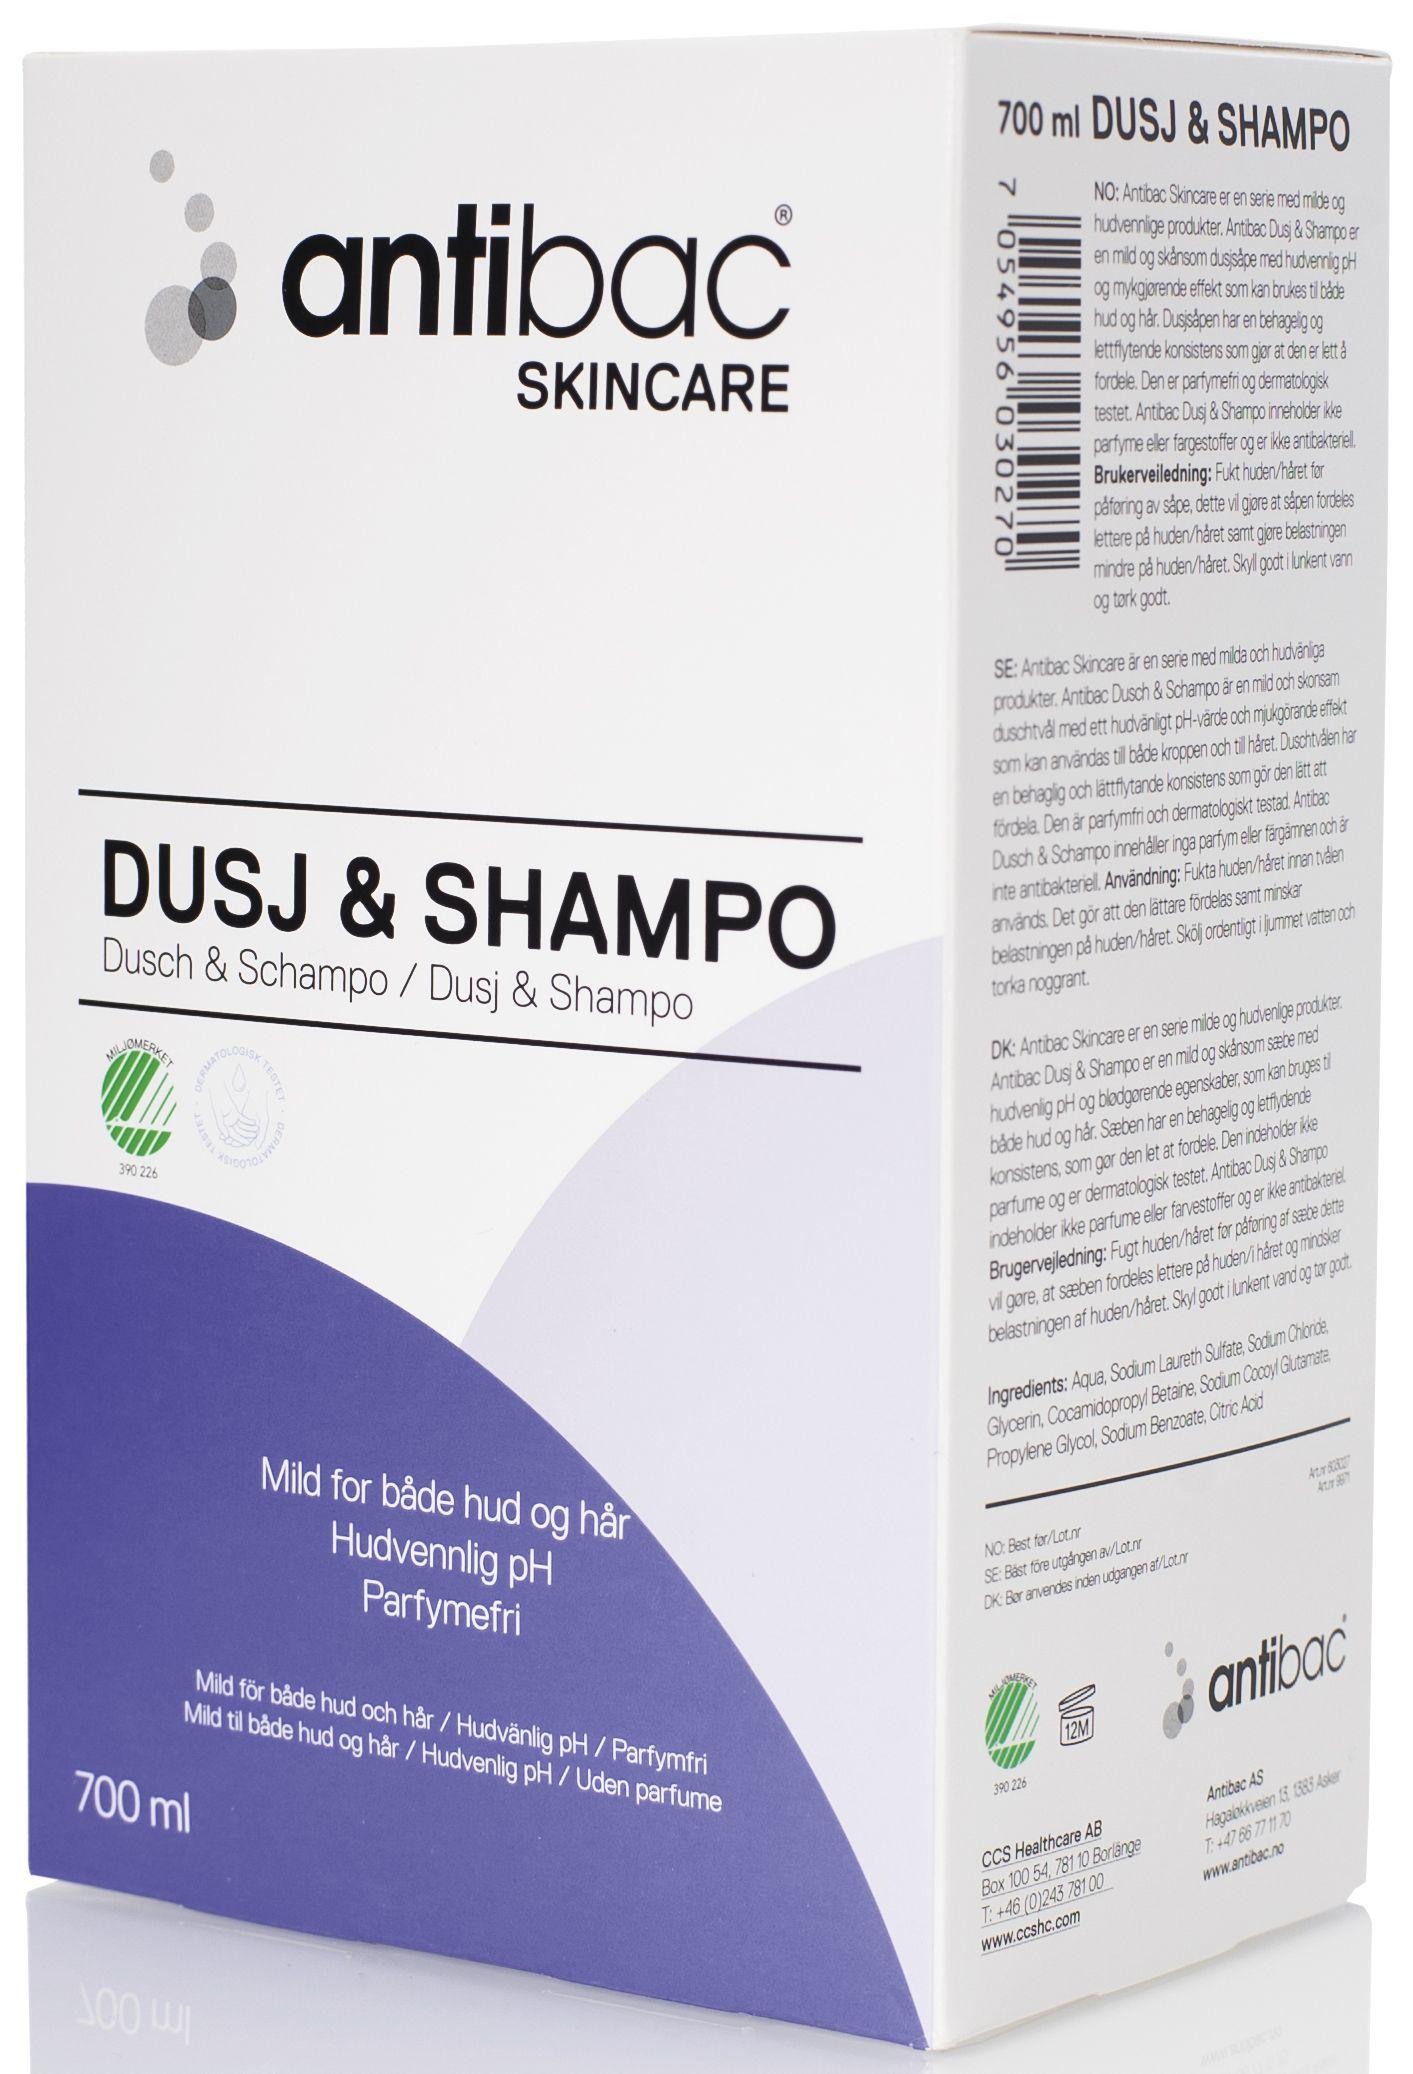 Dusj & Shampo ANTIBAC Softbag 700ml 603027